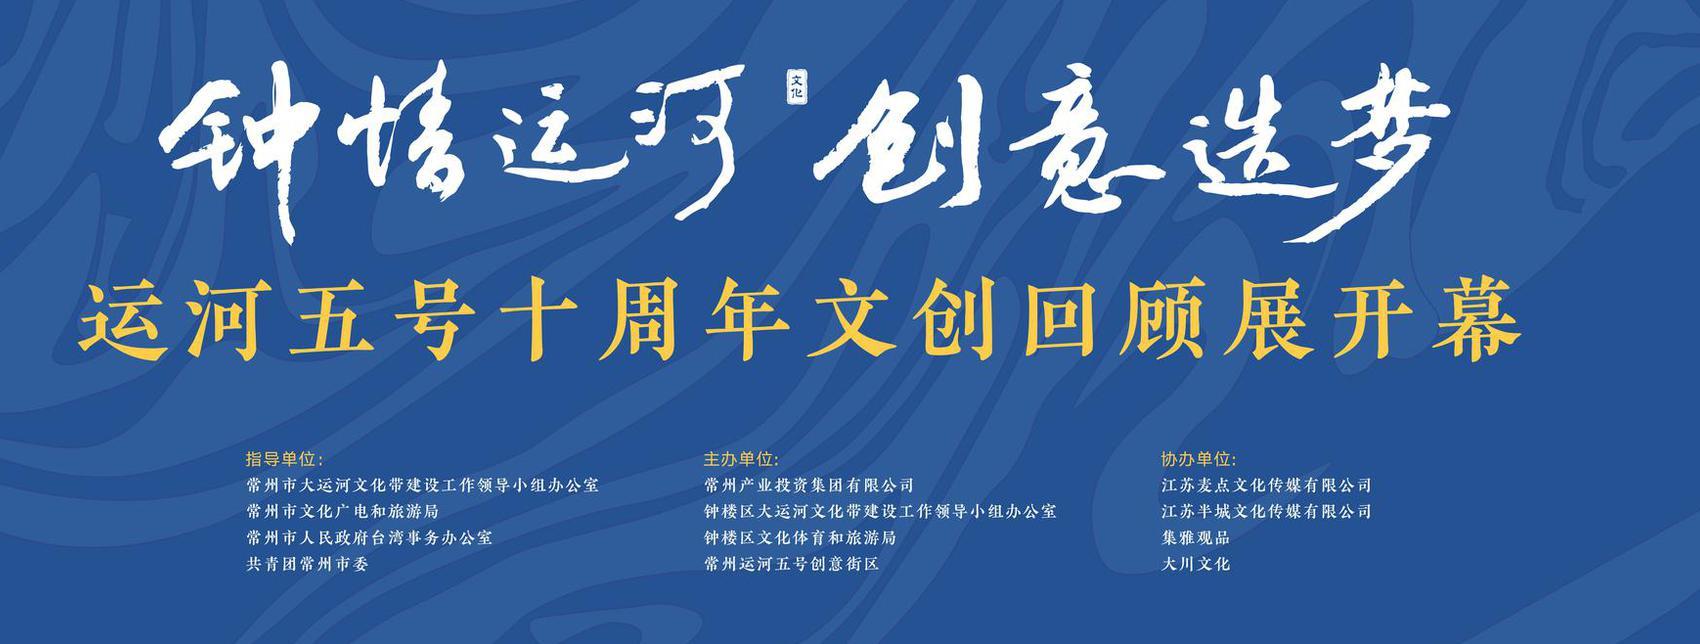 钟情运河 创意造梦 运河五号十周年文创回顾展开幕